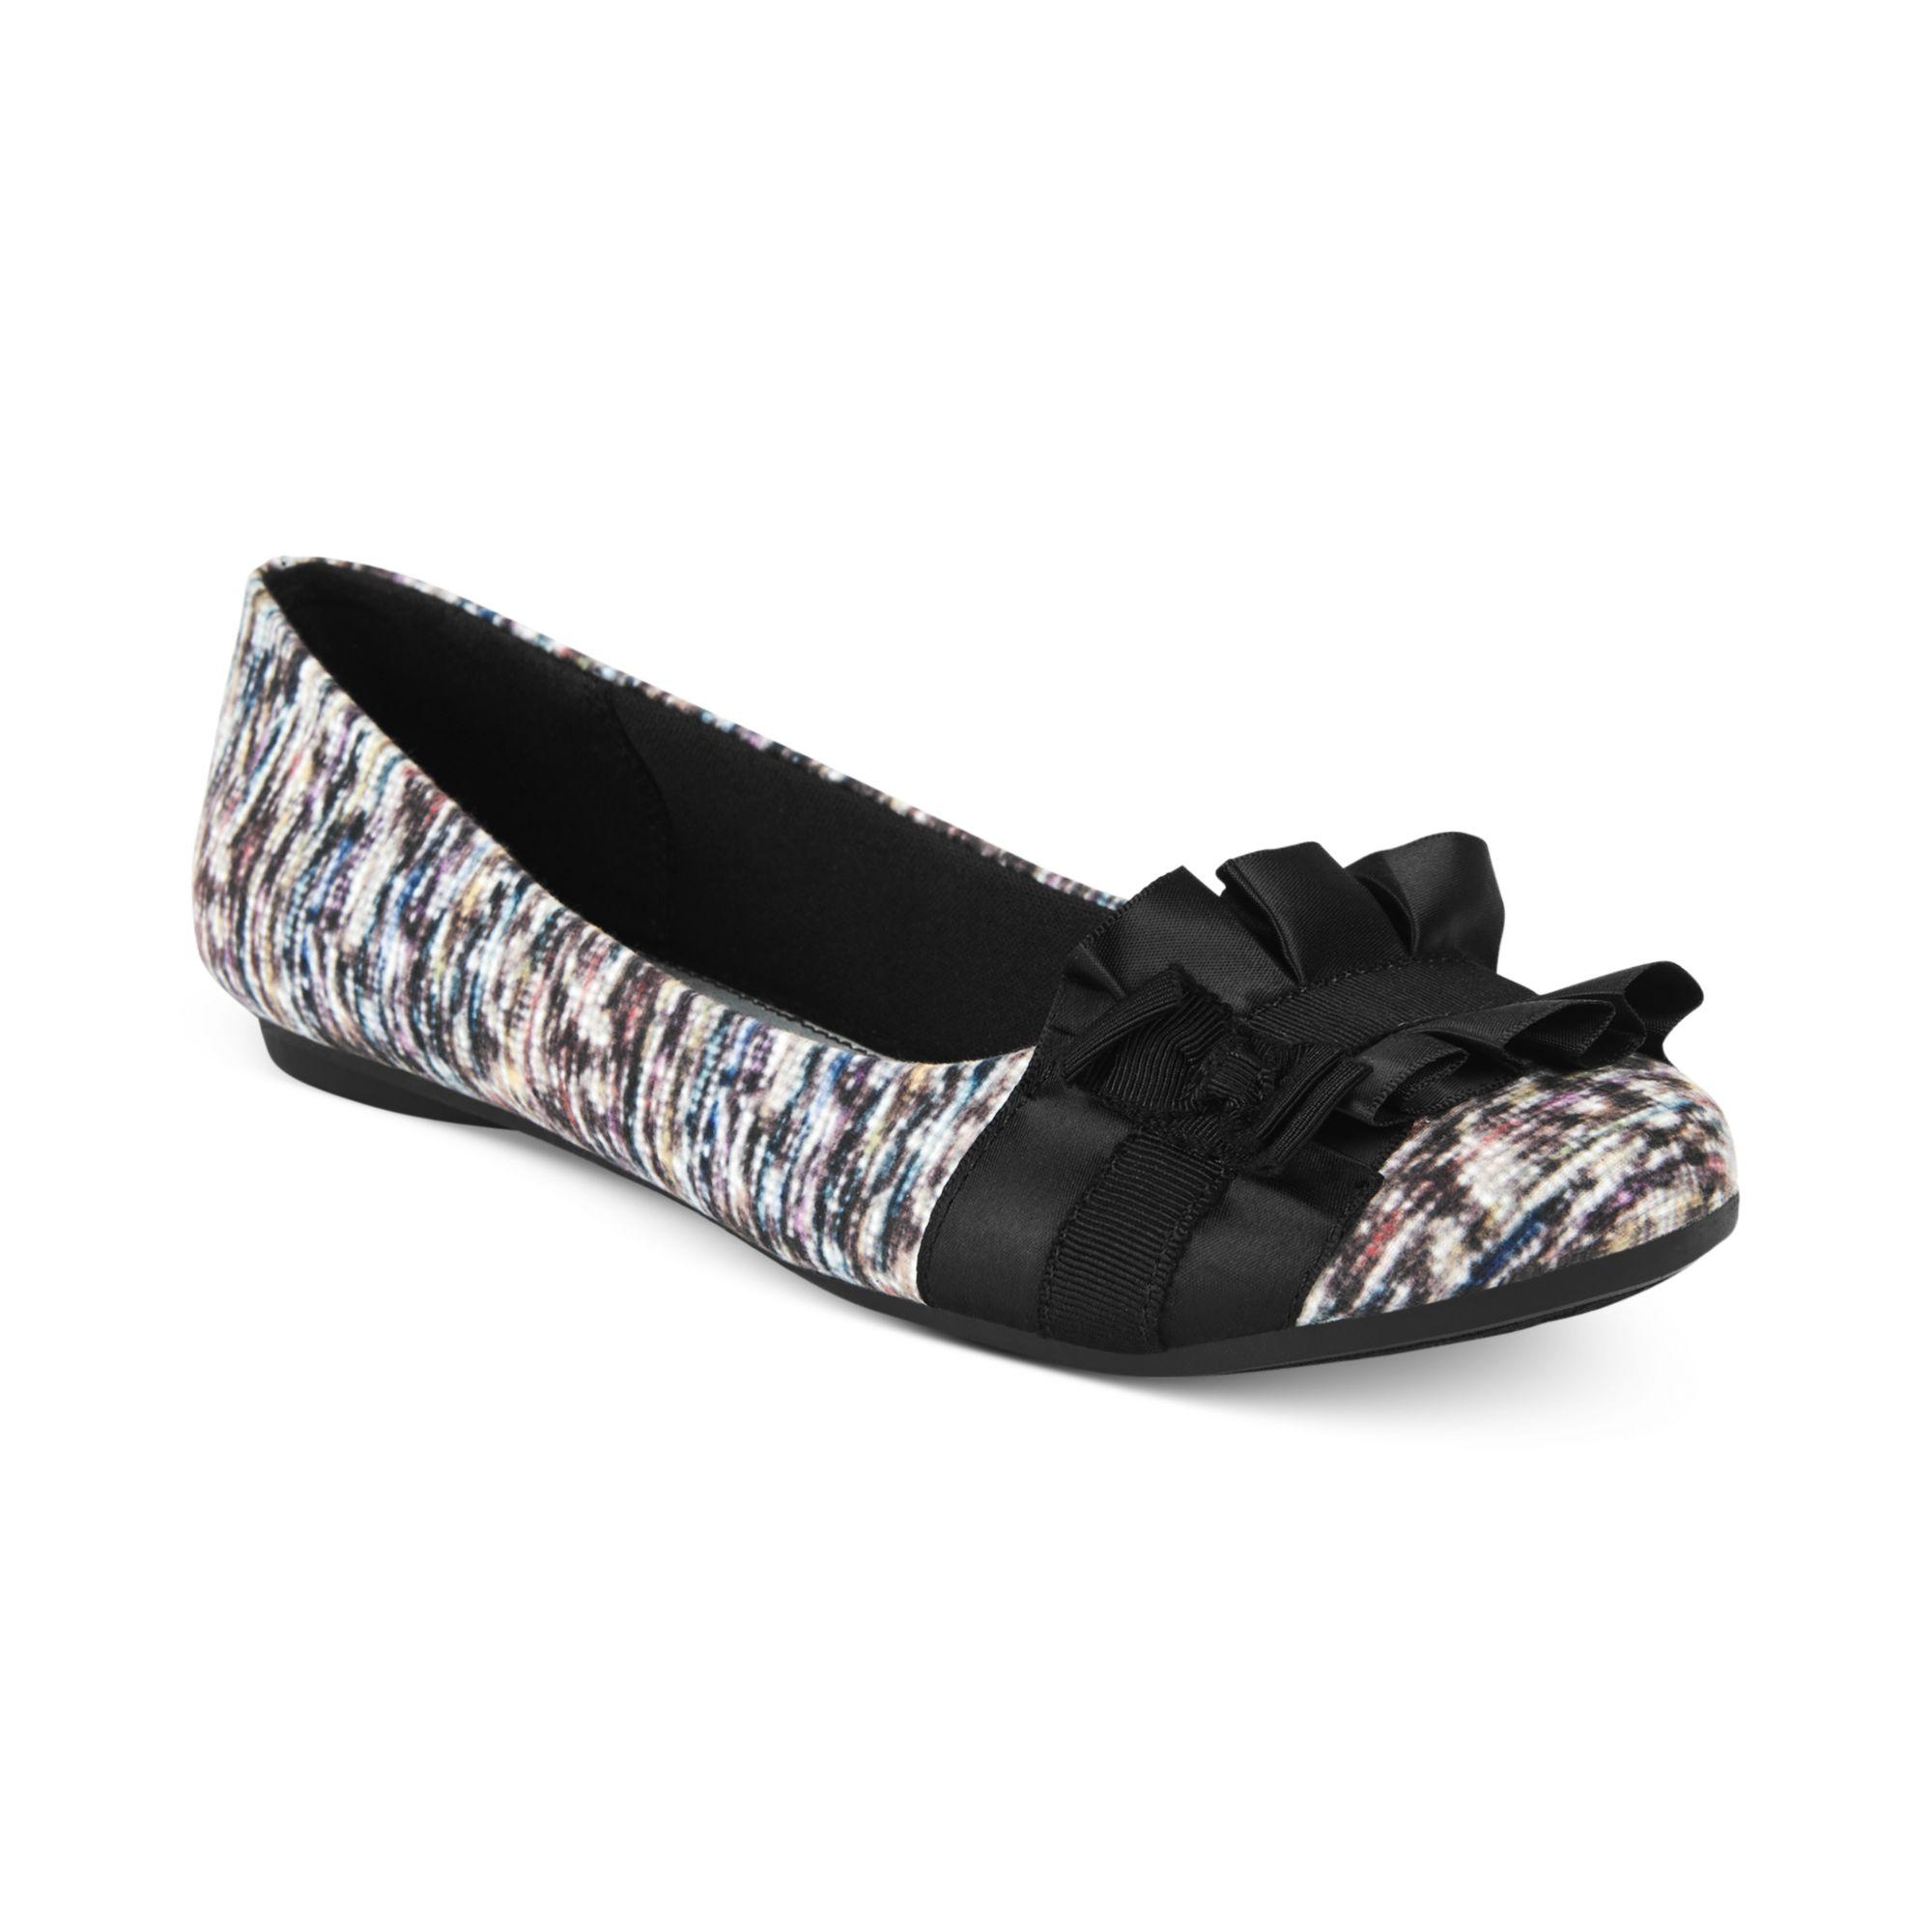 Fergalicious Shoes Alana Black